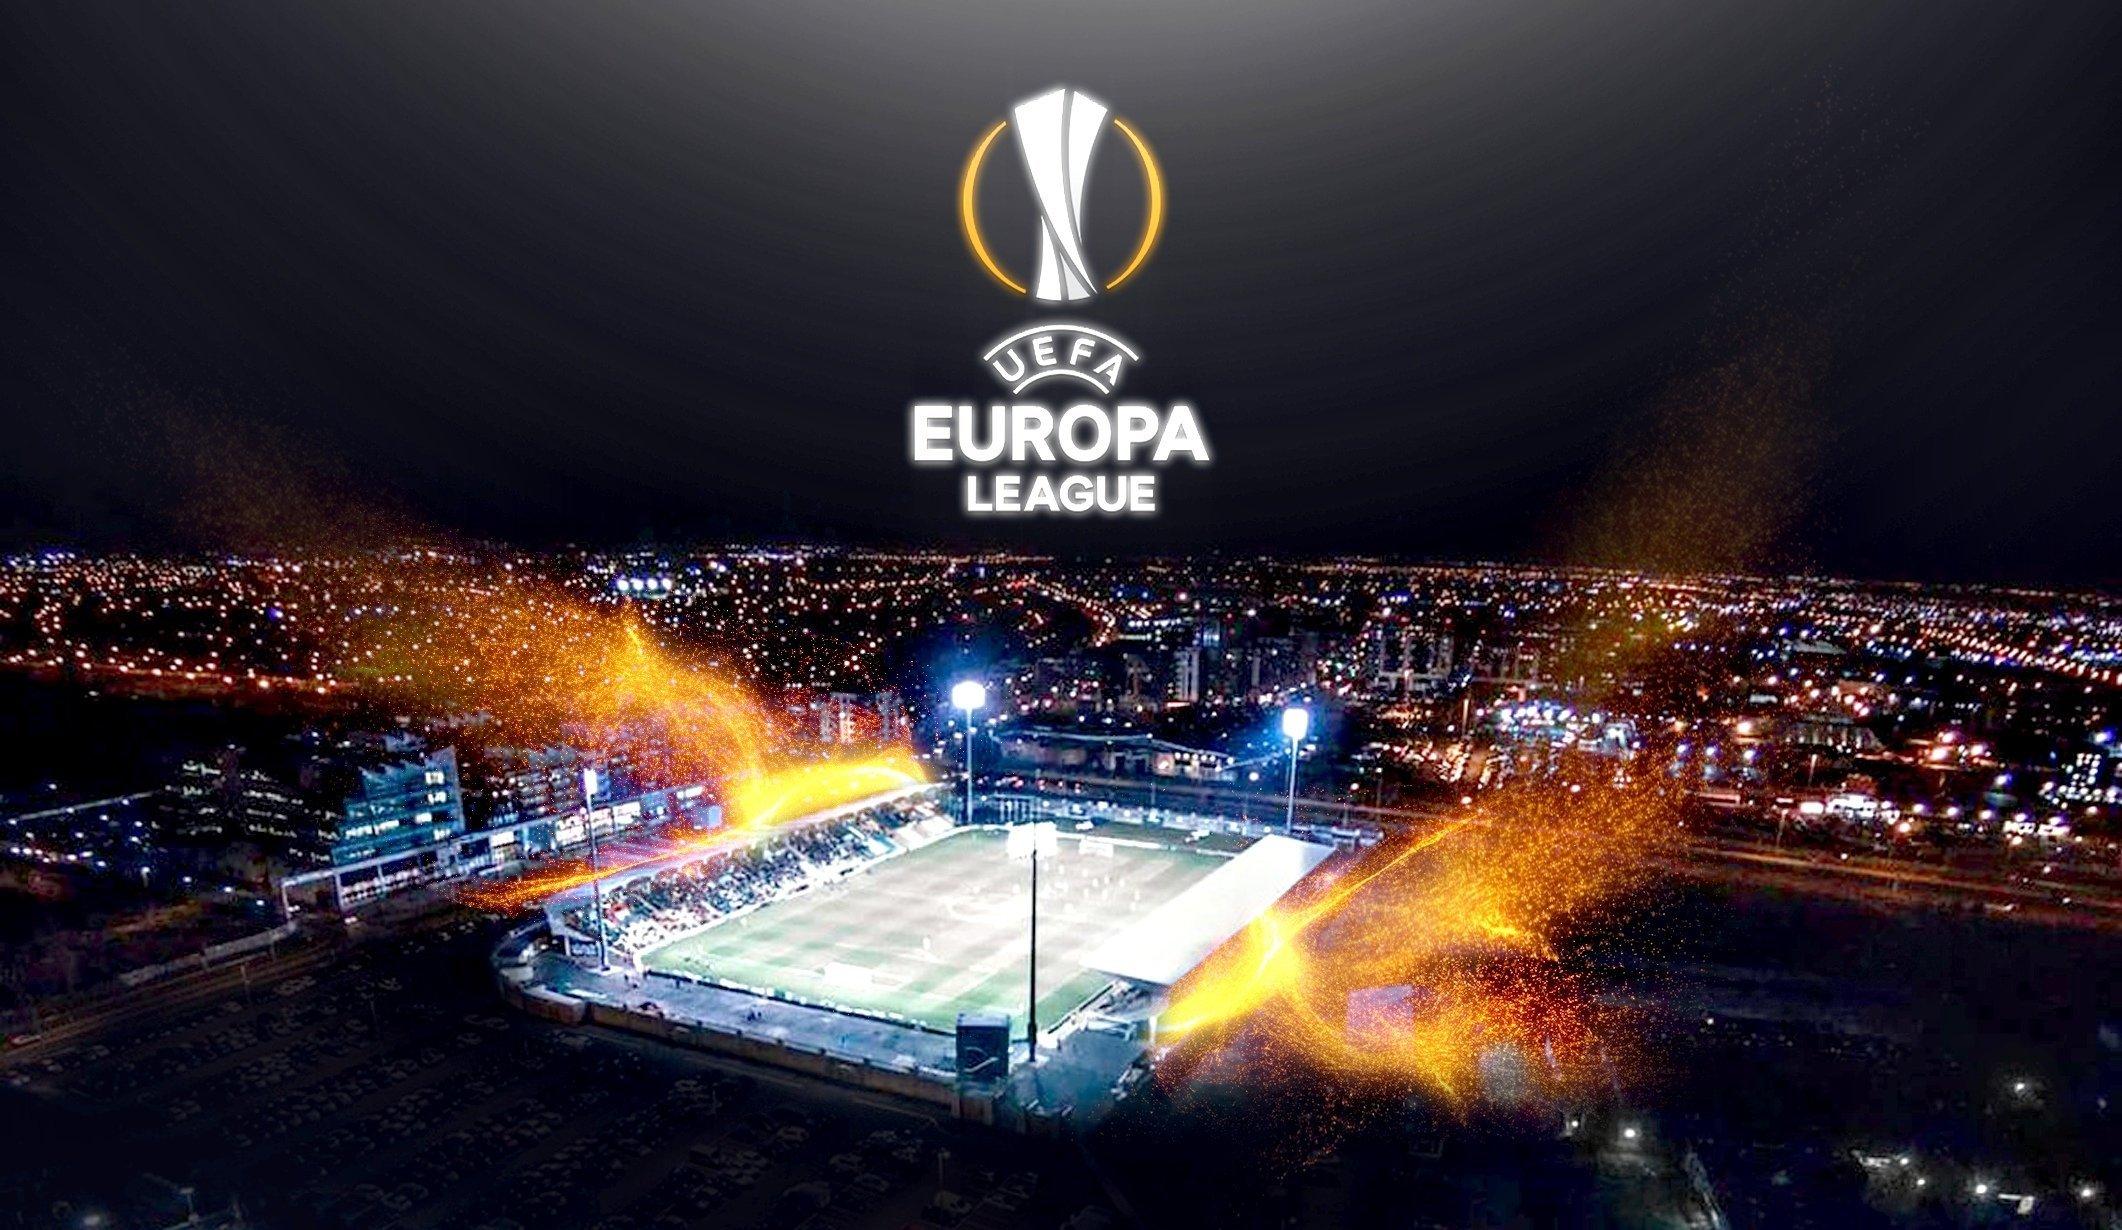 Прогноз на Лигу Европы: Тракай – Партизан – 2 августа 2018 года